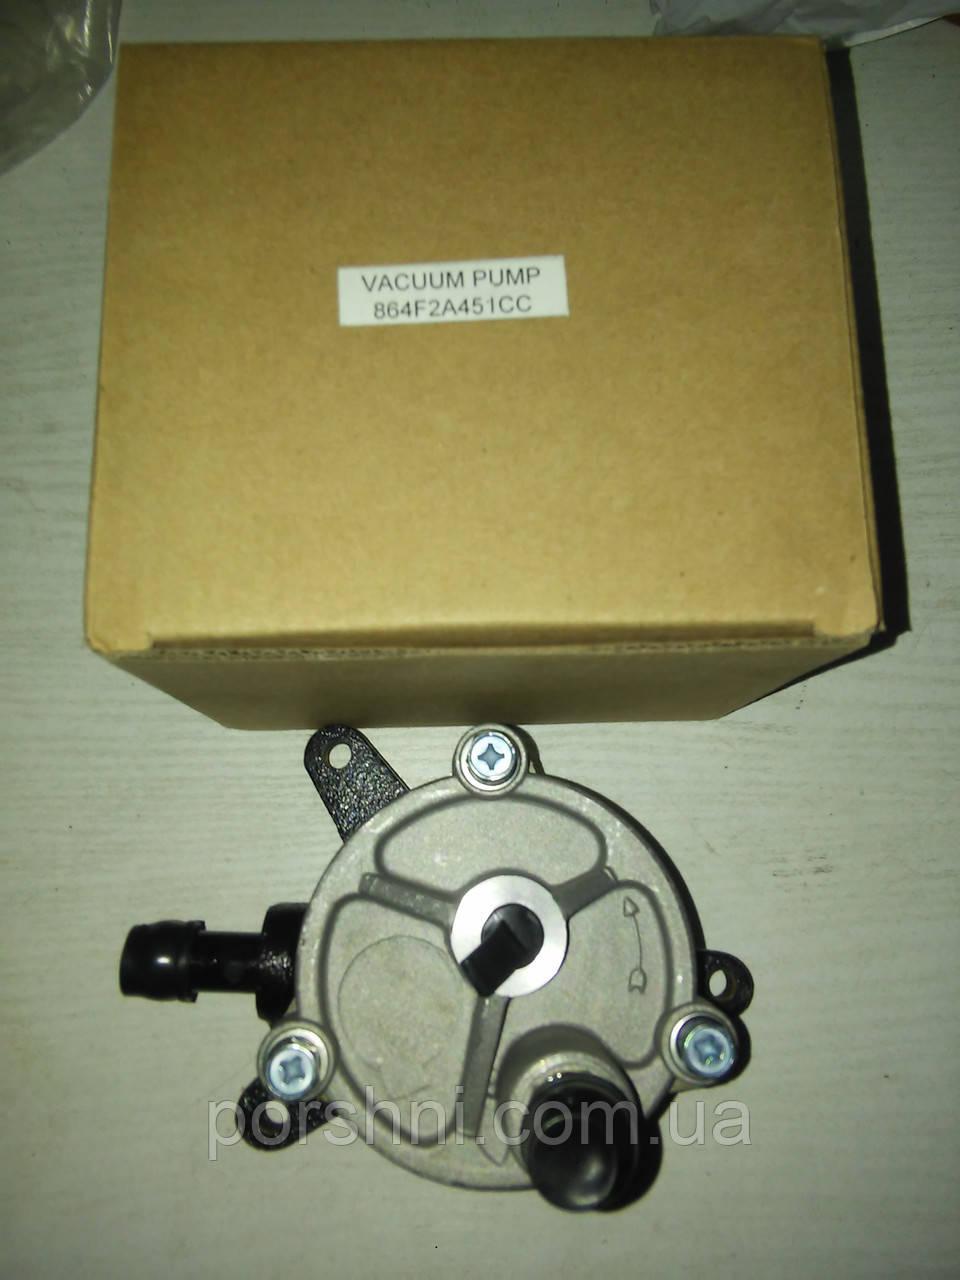 Вакуум    гинератора Ford  Тransit  LUCAS  864F2A451CC   N:1669395